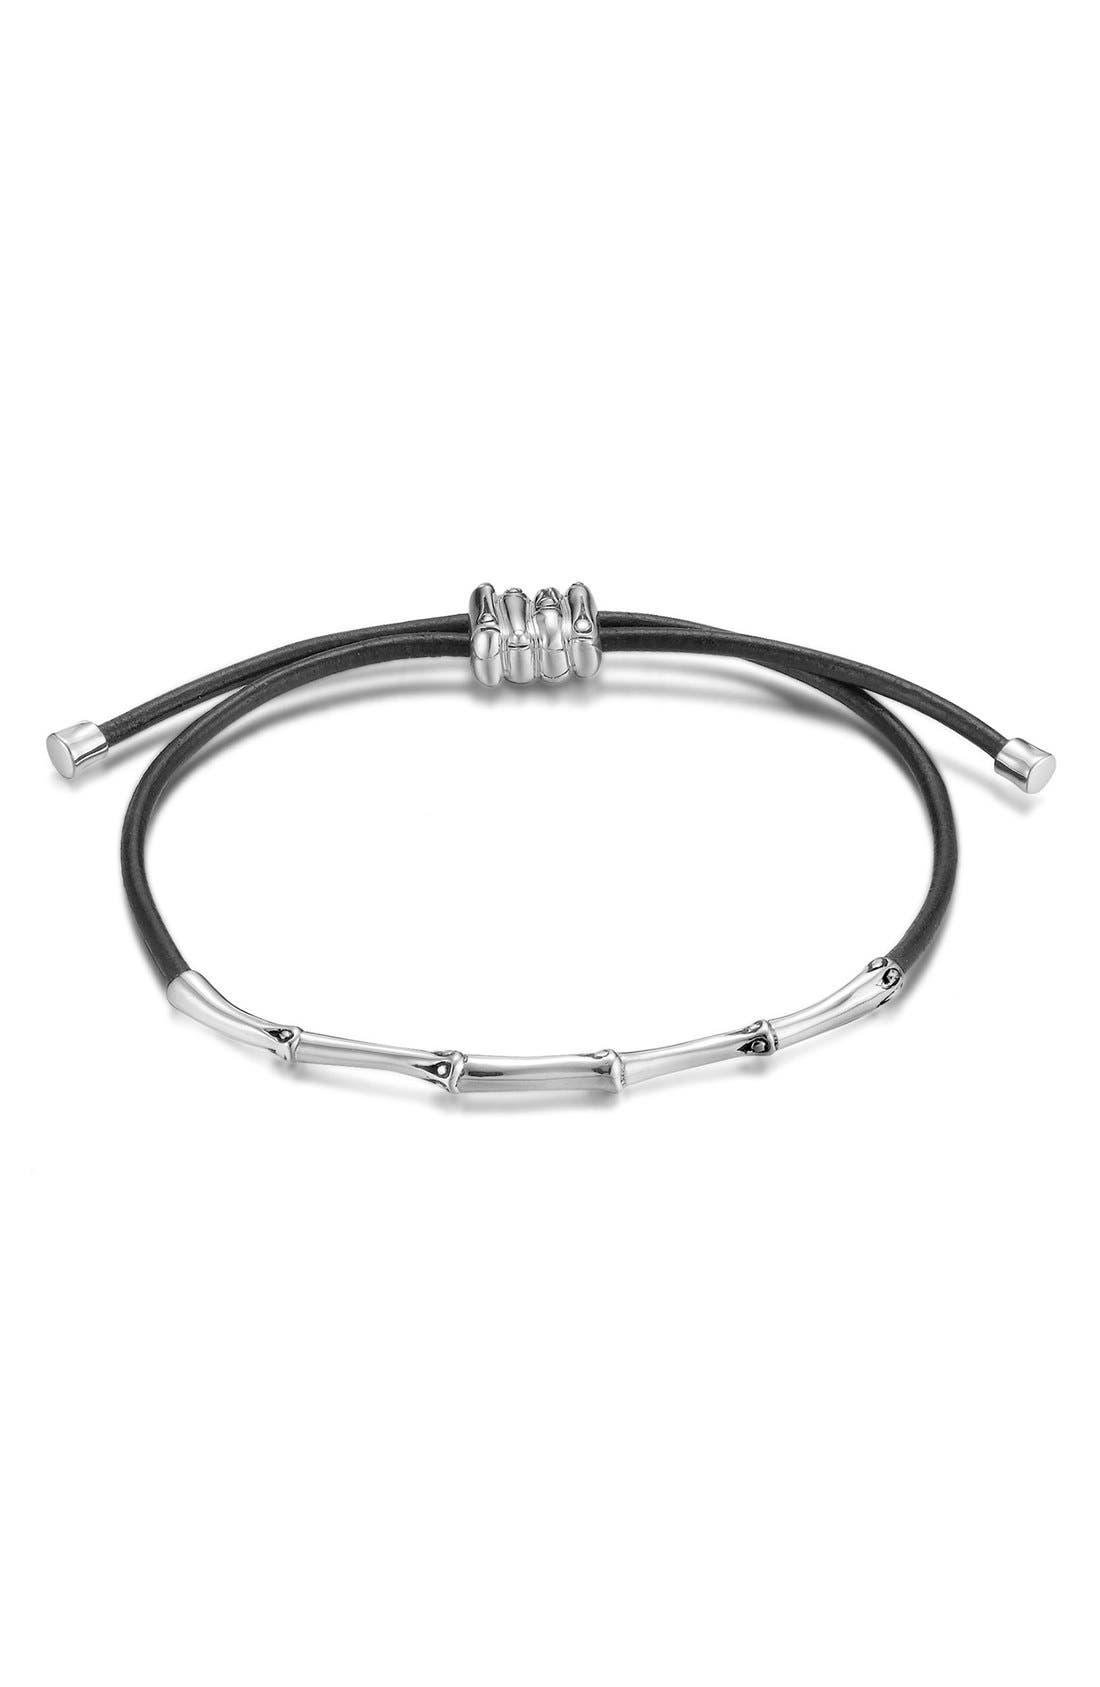 Alternate Image 1 Selected - John Hardy 'Bamboo Themed' Slim Cord Bracelet